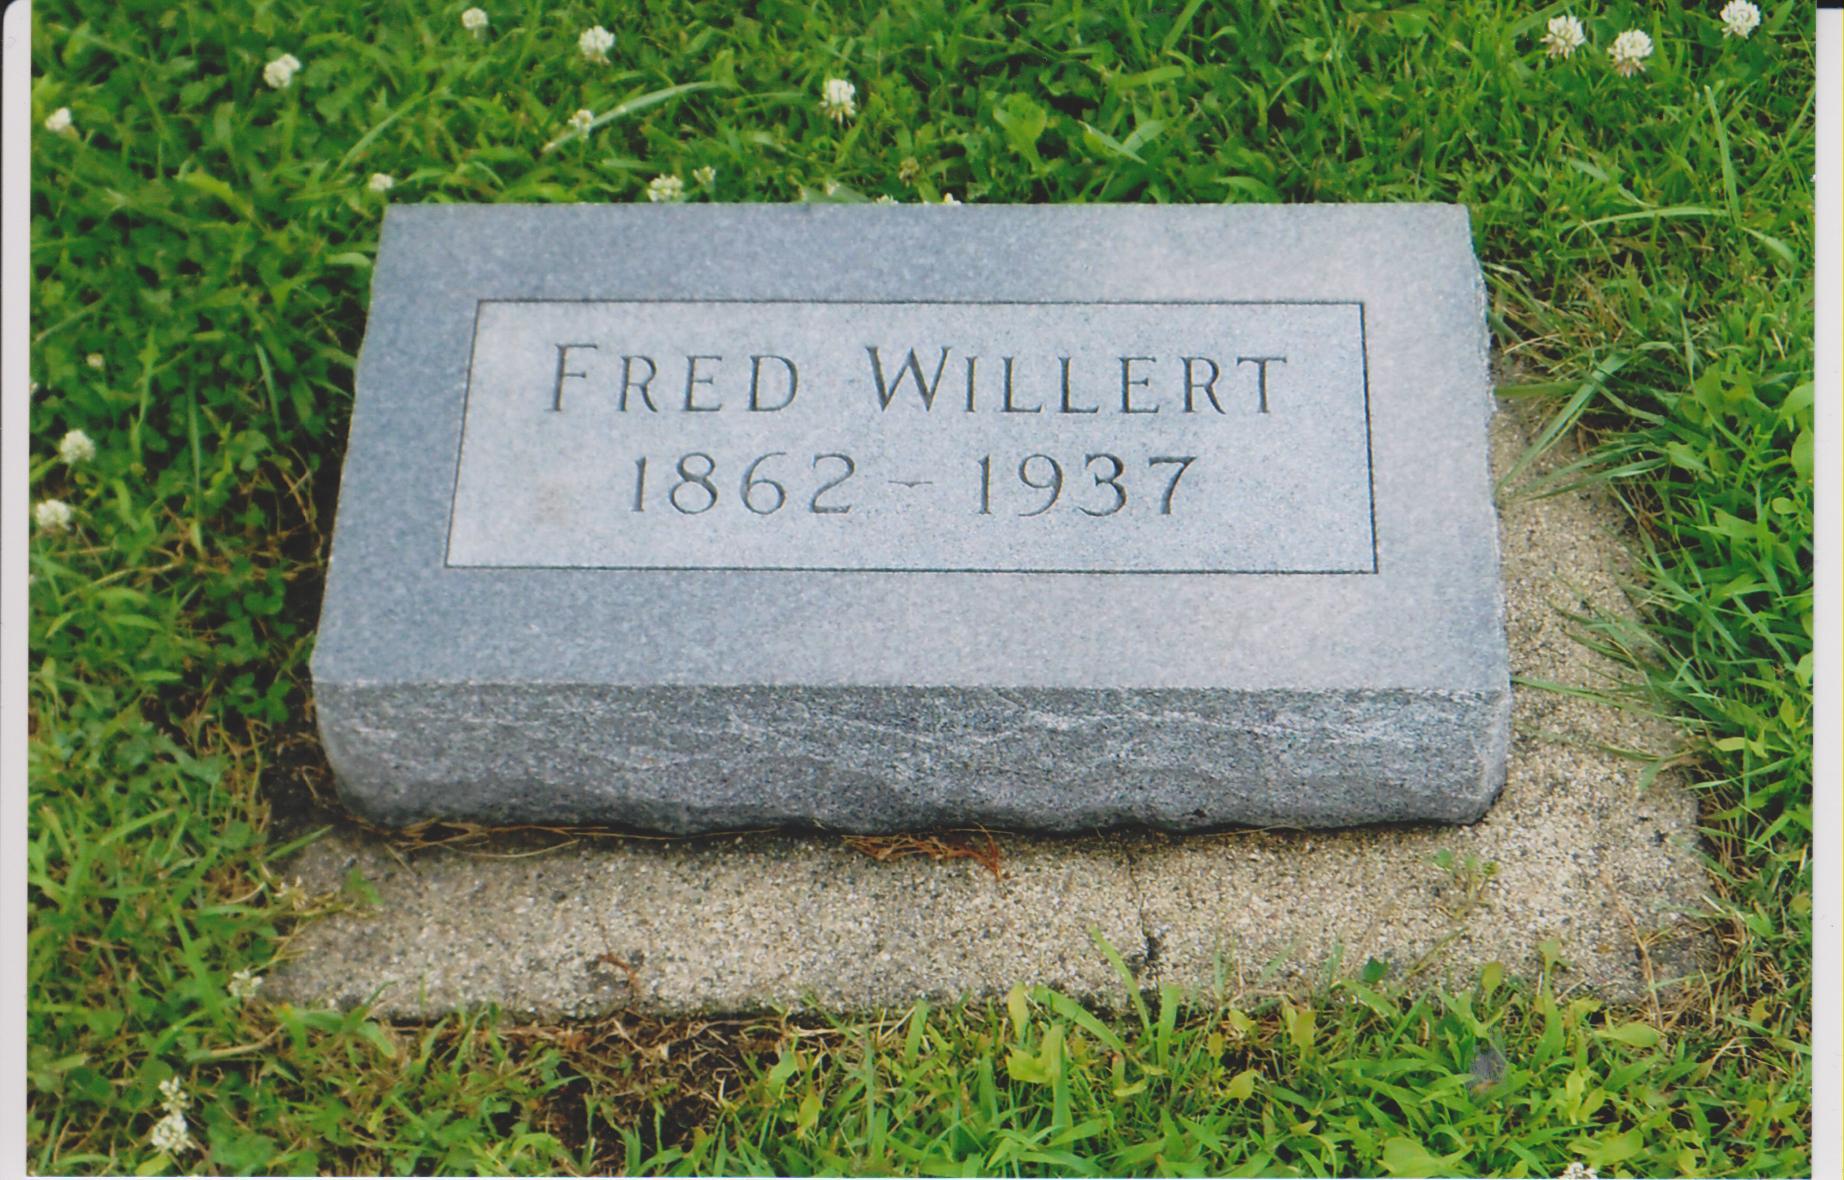 FredWillert 001